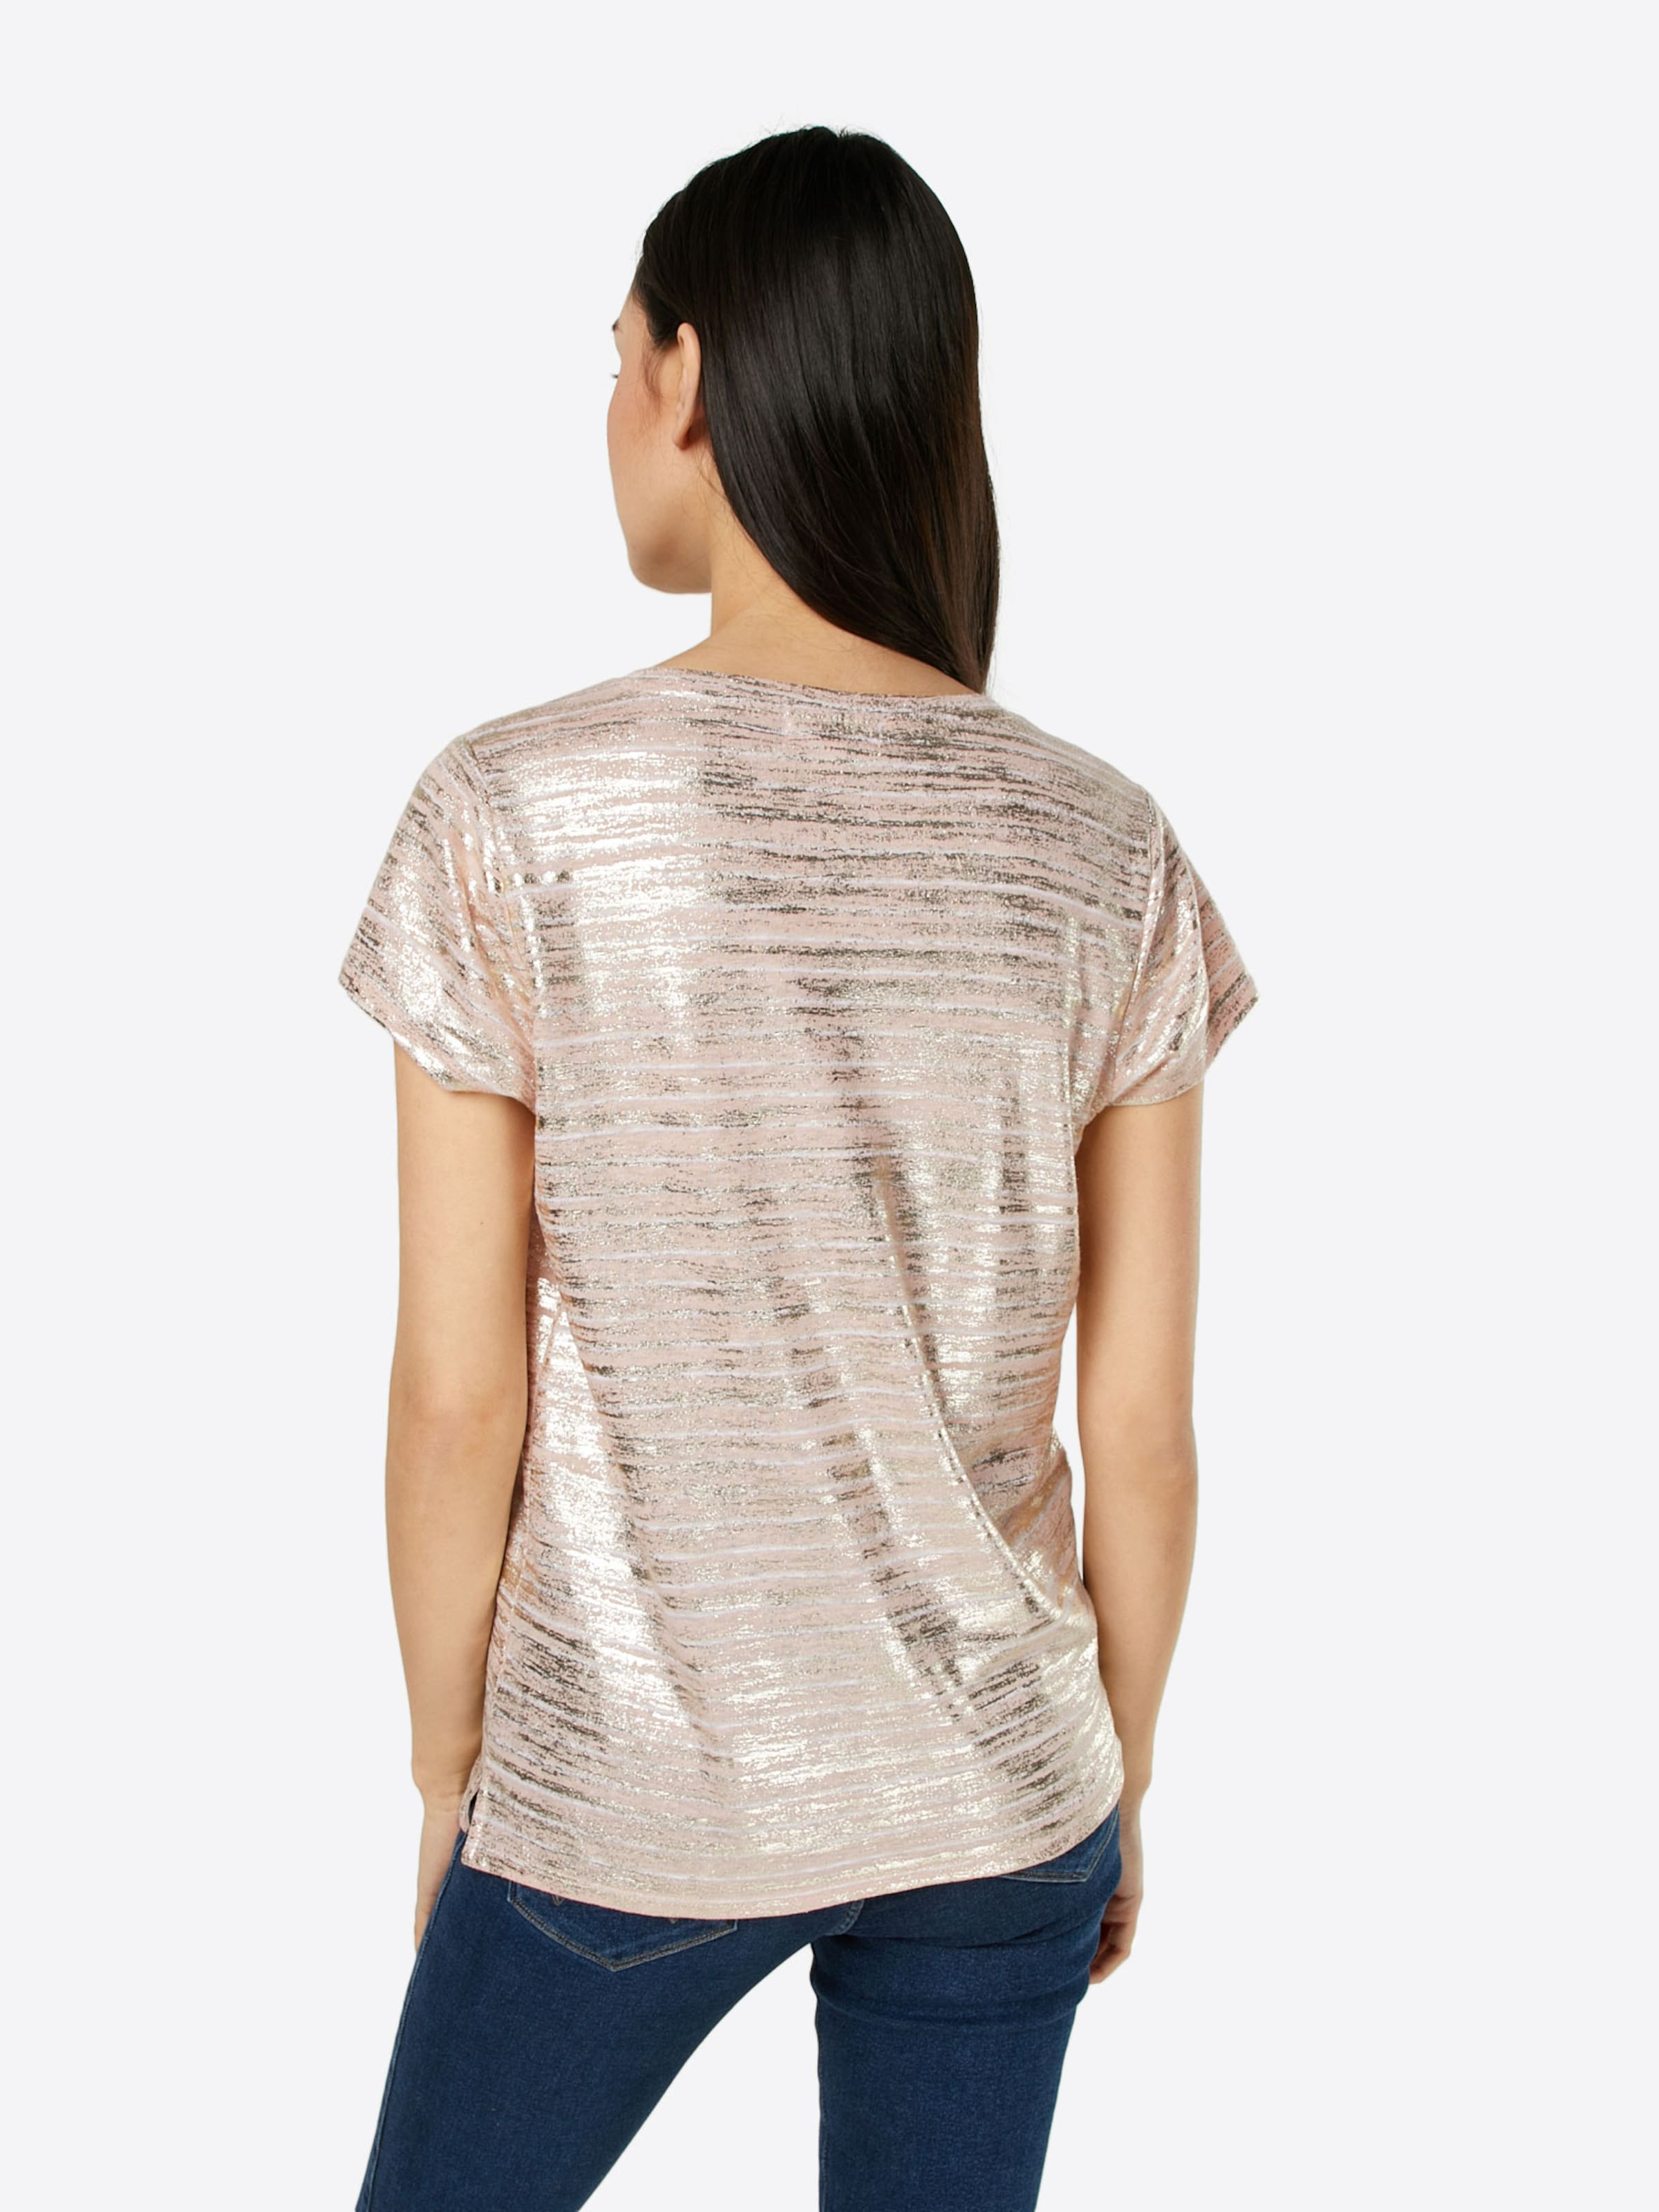 GAP T-Shirt Günstig Kaufen Outlet Mit Visum Zahlen Zu Verkaufen 0ly7TQN